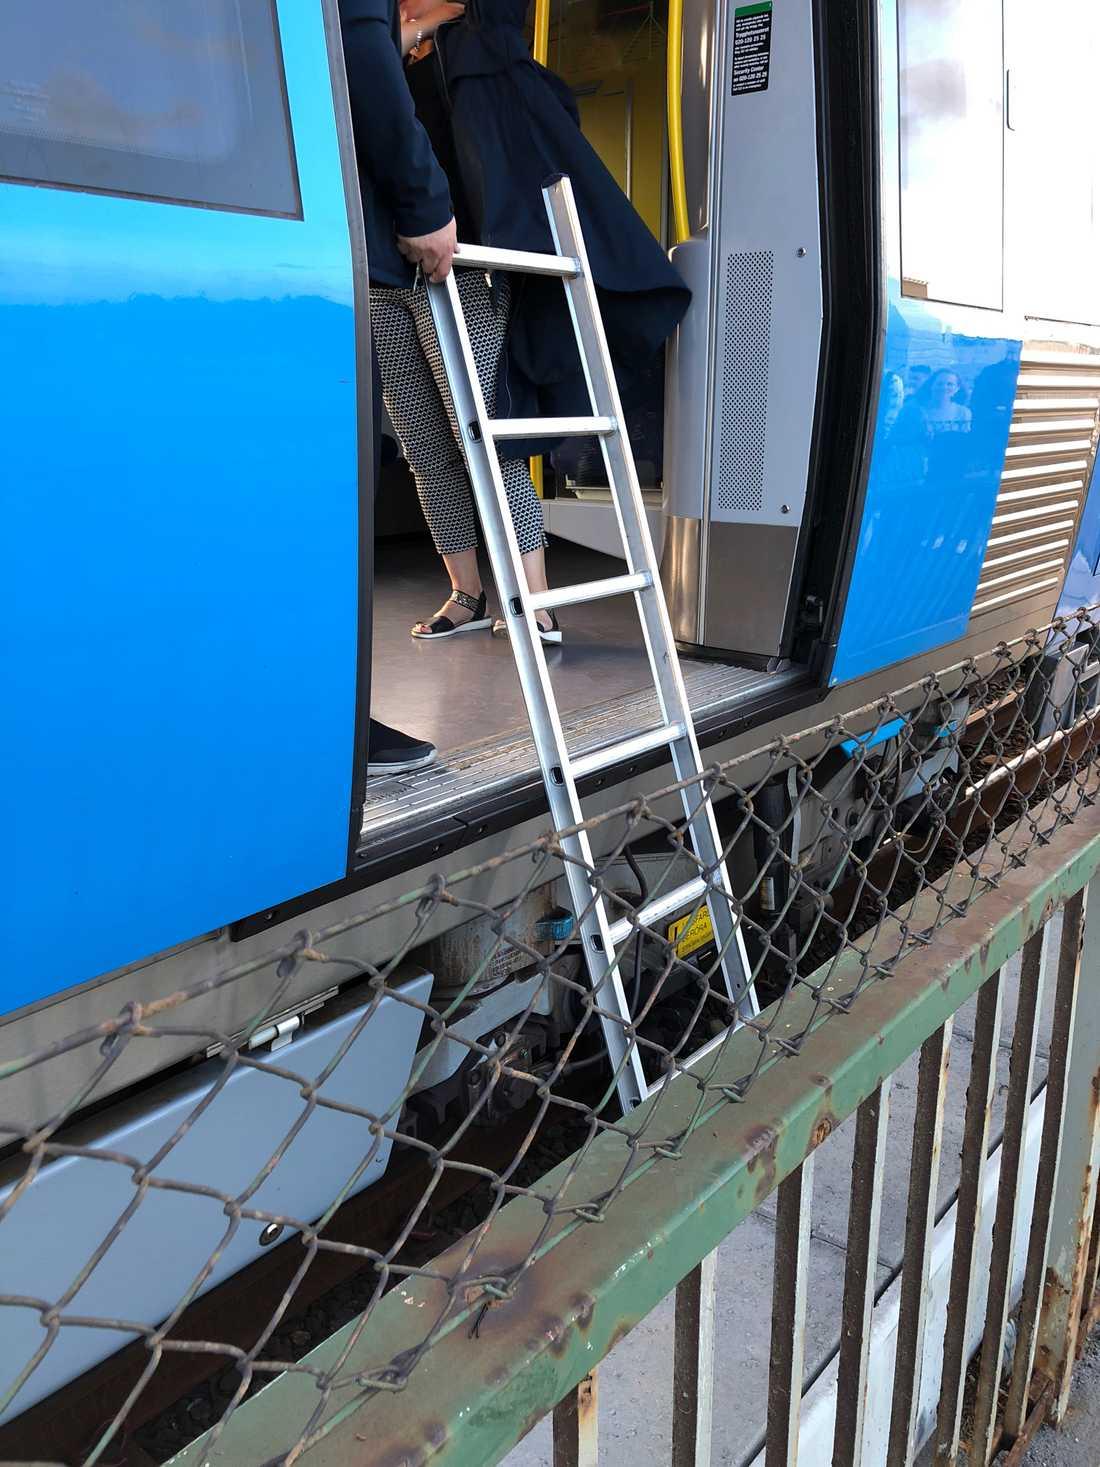 Tågvagnar står still på Skanstullsbron och resenärer klättrar över taggtråd och går på spåret för att ta sig därifrån.